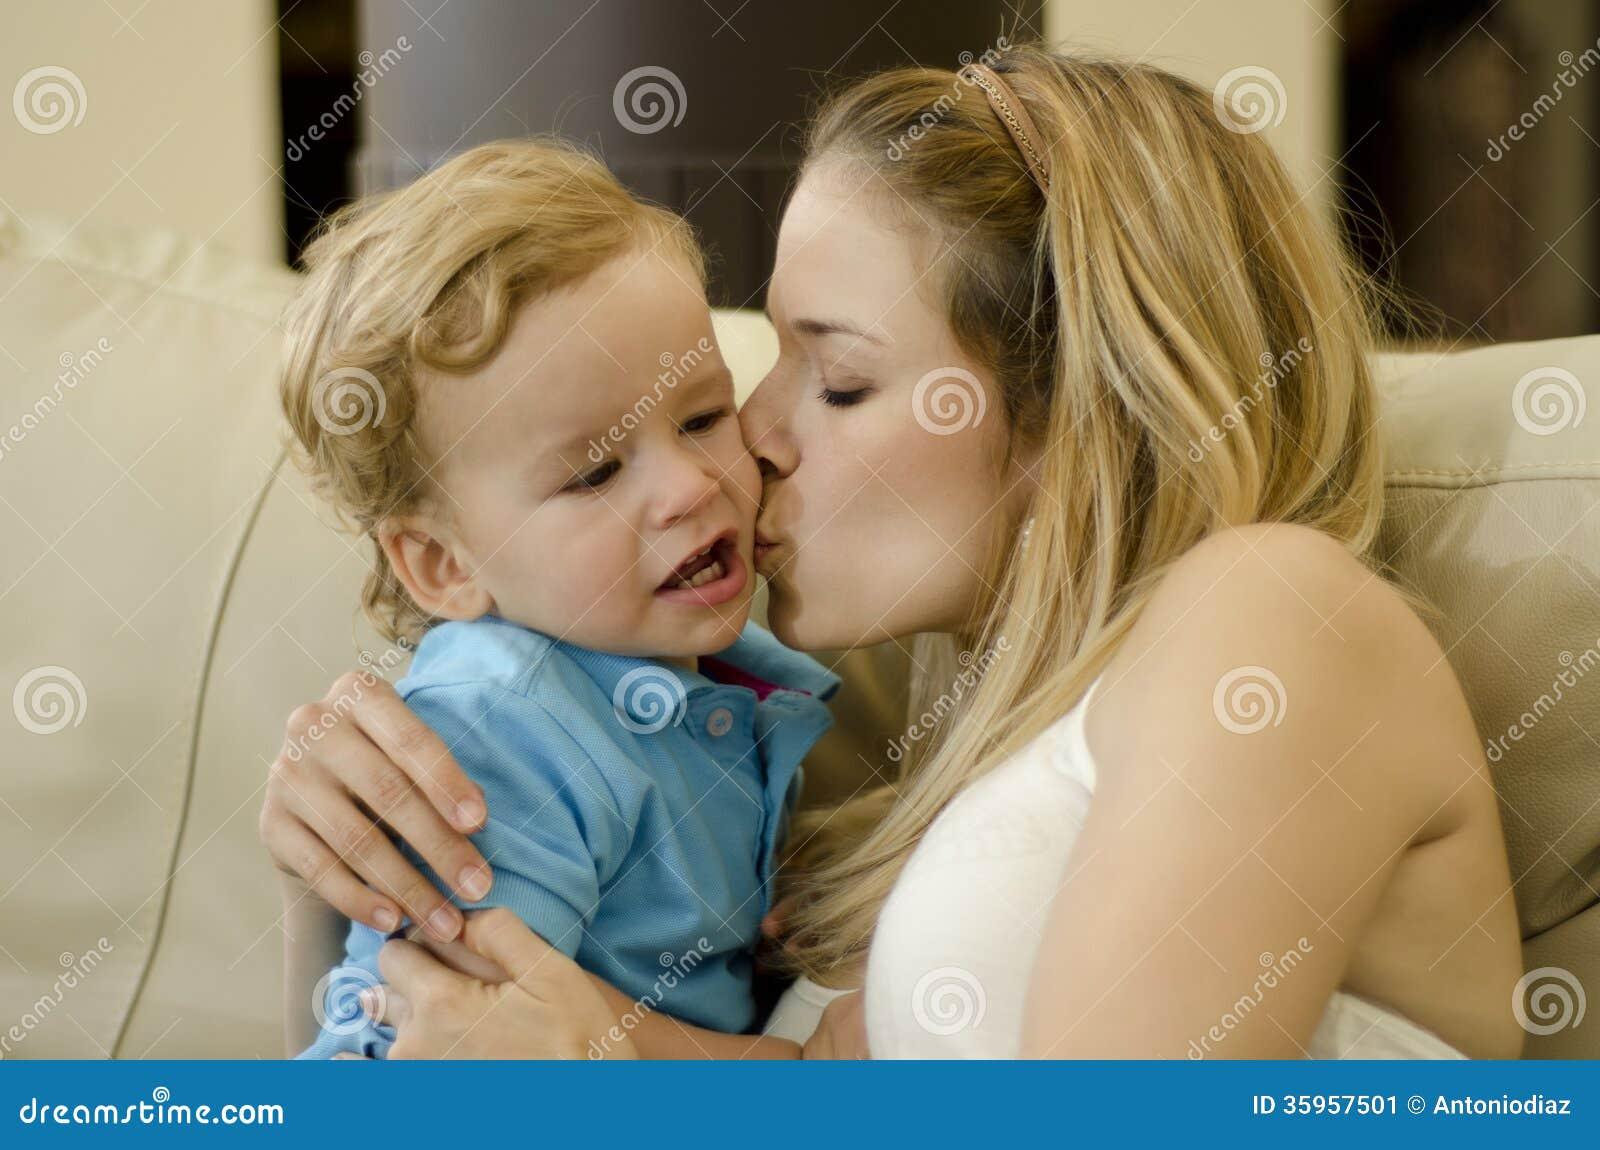 Сын чмокнул свою мать, Сын ебёт маму -видео. Смотреть сын ебёт маму 27 фотография